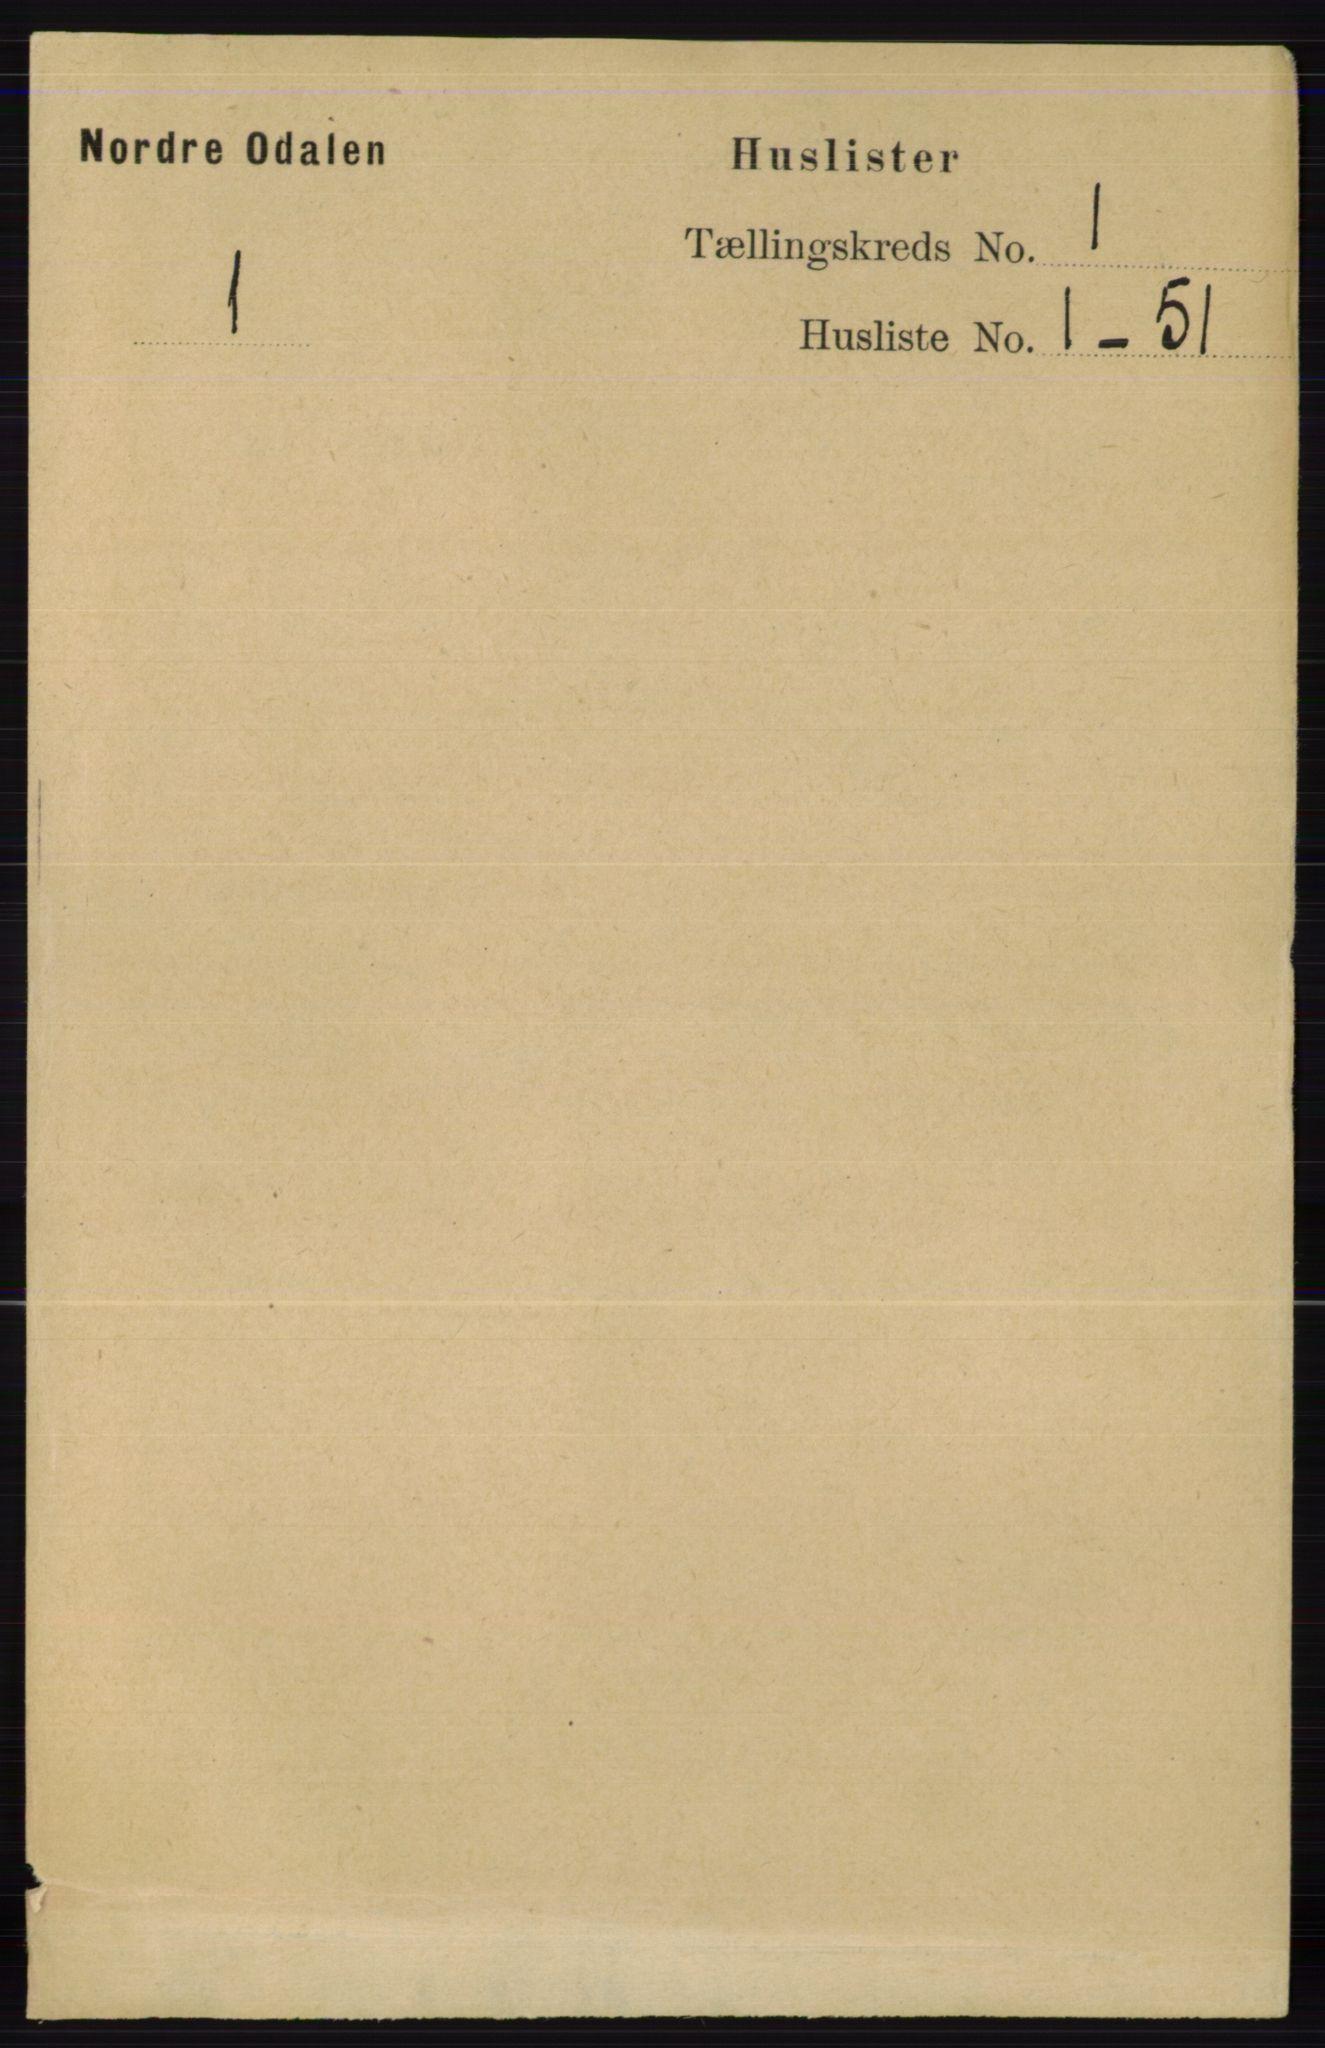 RA, Folketelling 1891 for 0418 Nord-Odal herred, 1891, s. 32